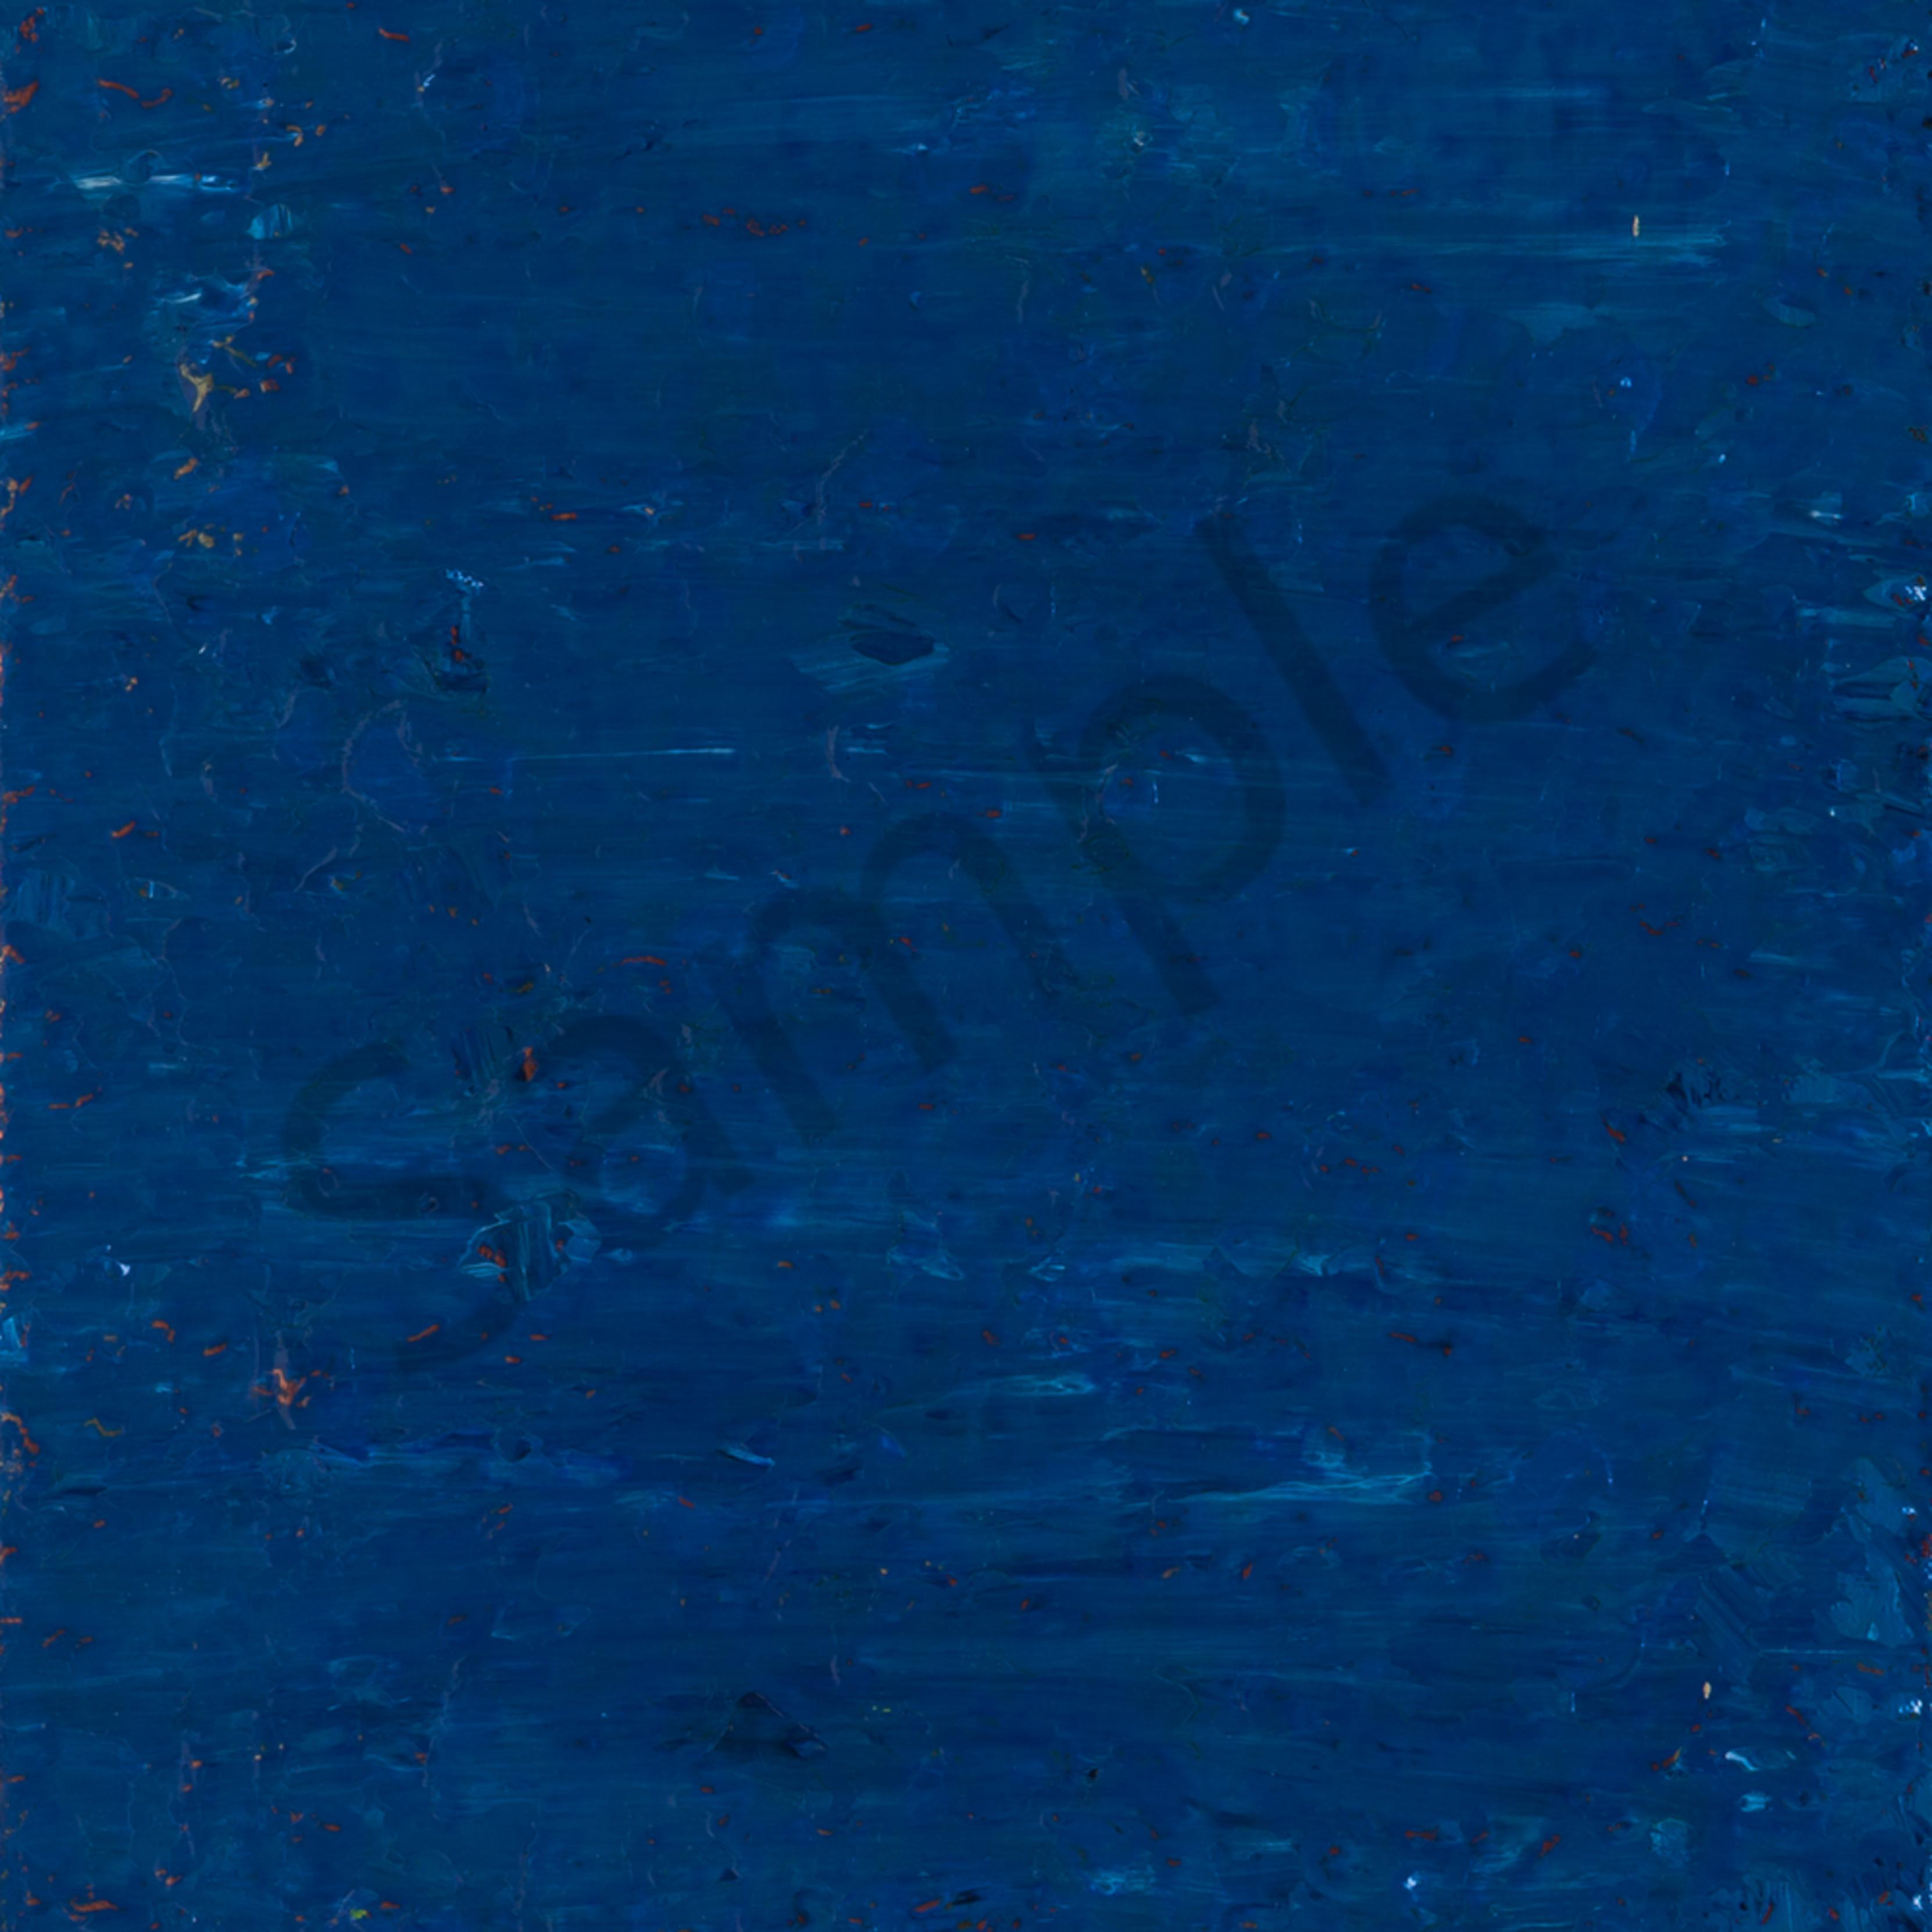 Blue pools 2 ryxazk